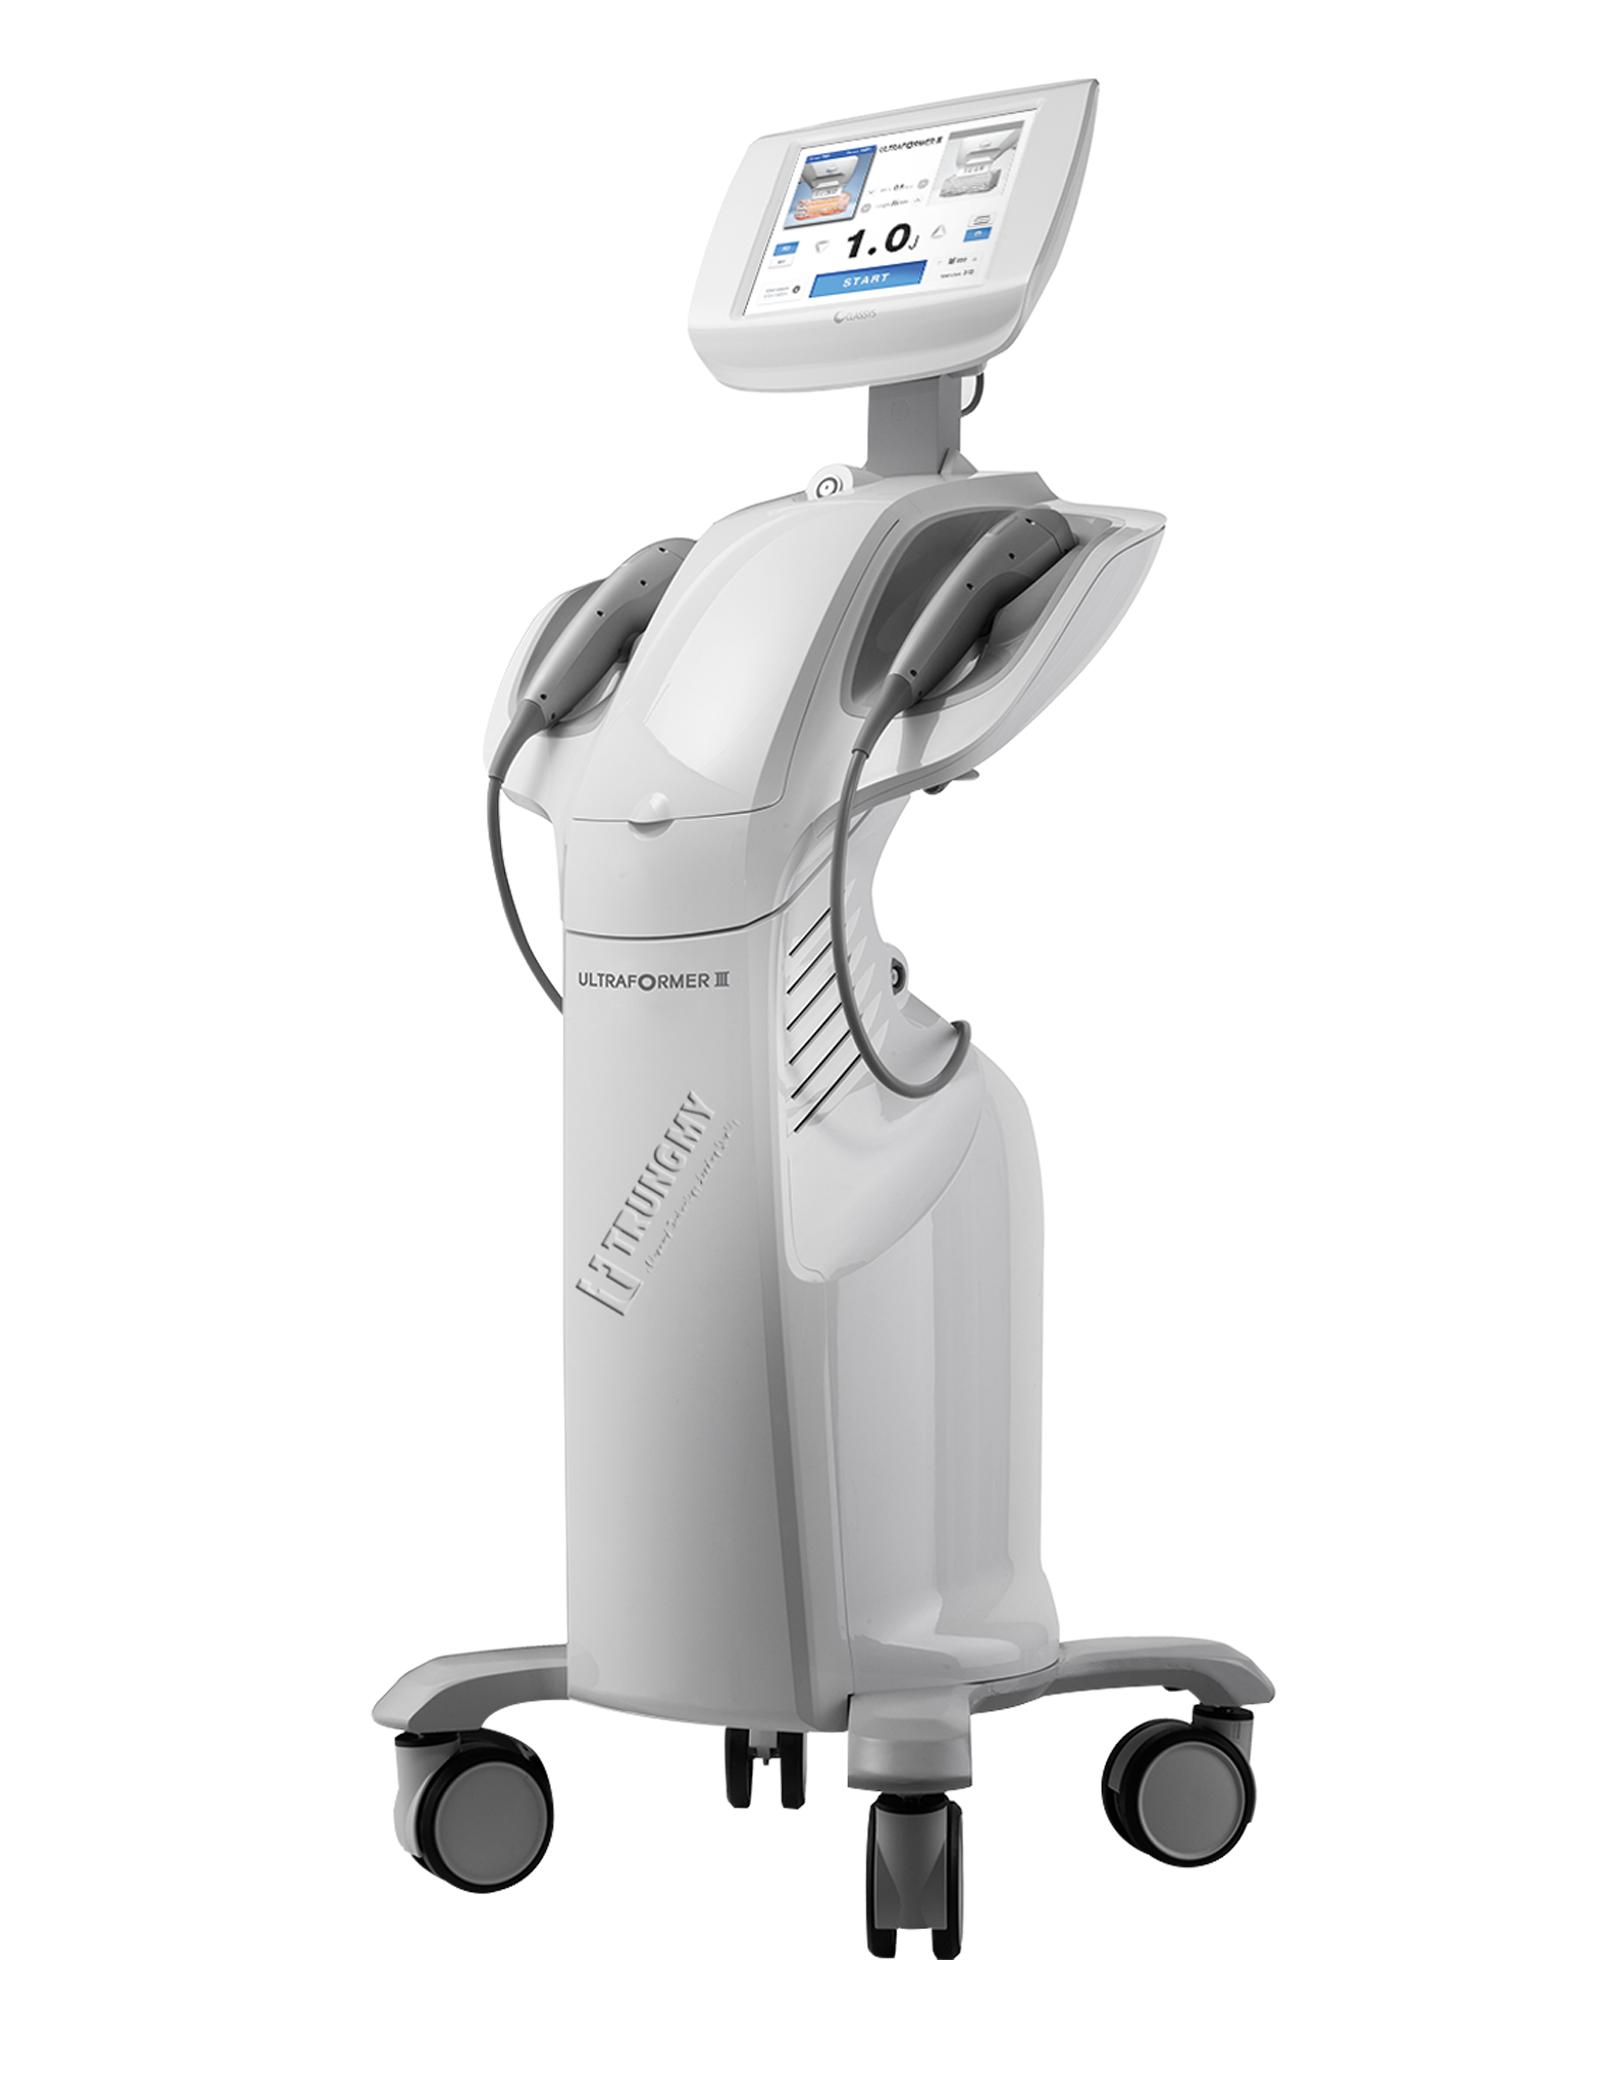 1. Ultraformer IIIZ